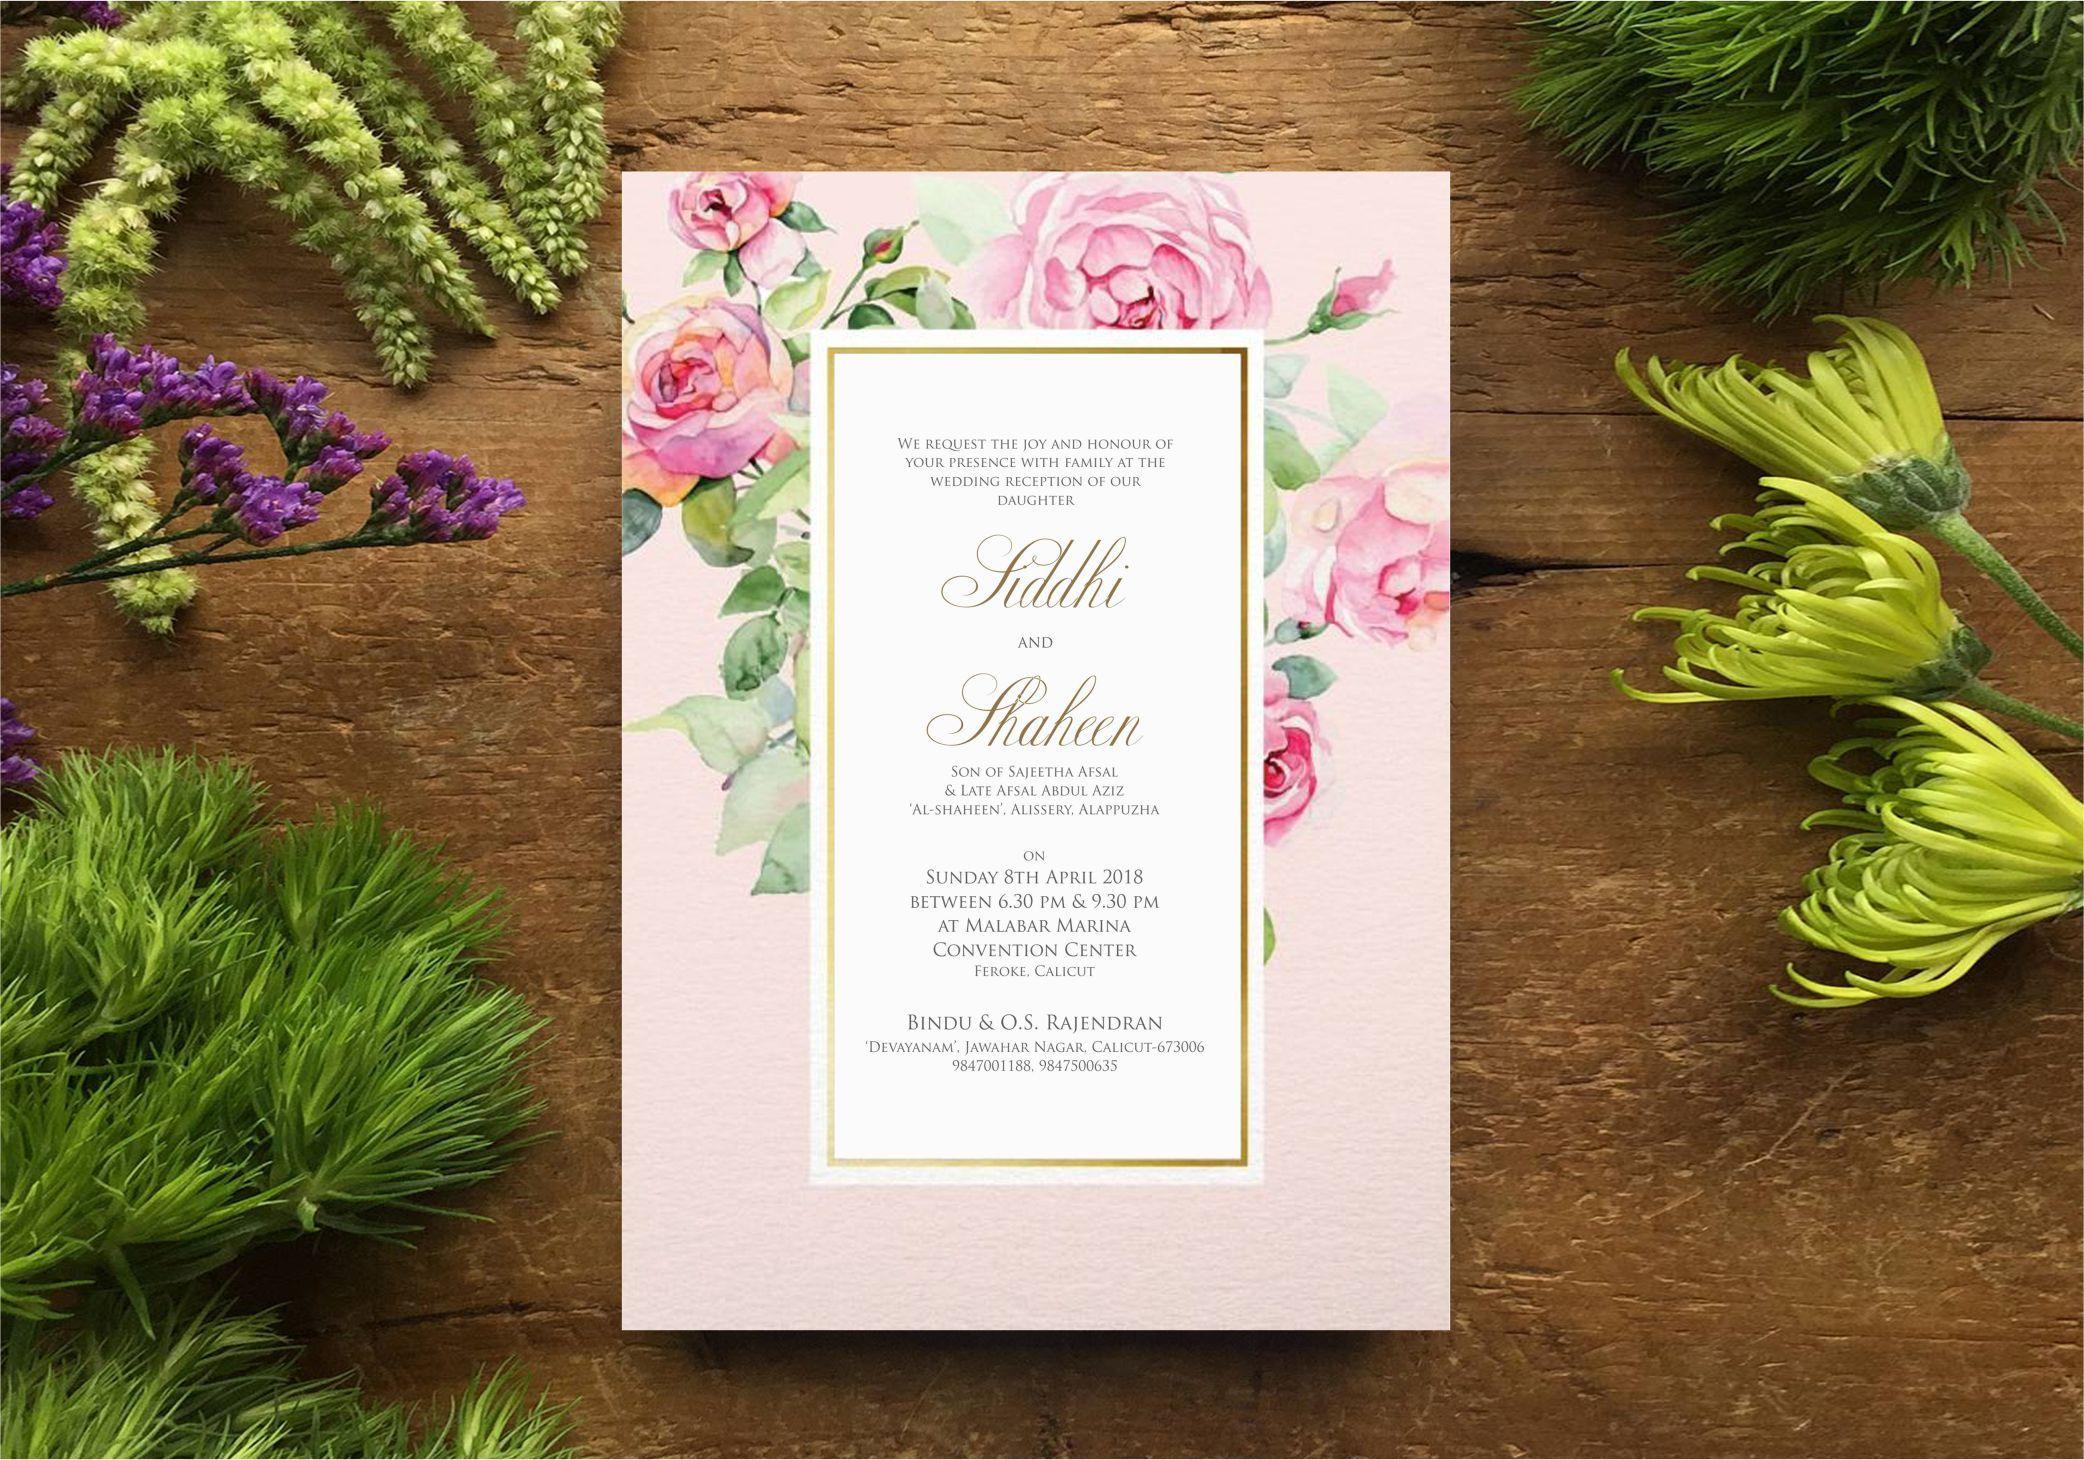 Jayaram Card Wedding Cards In Calicut Wedding Cards In Kerala Wedding Cards Wedding Invitation Cards Weding Invitation